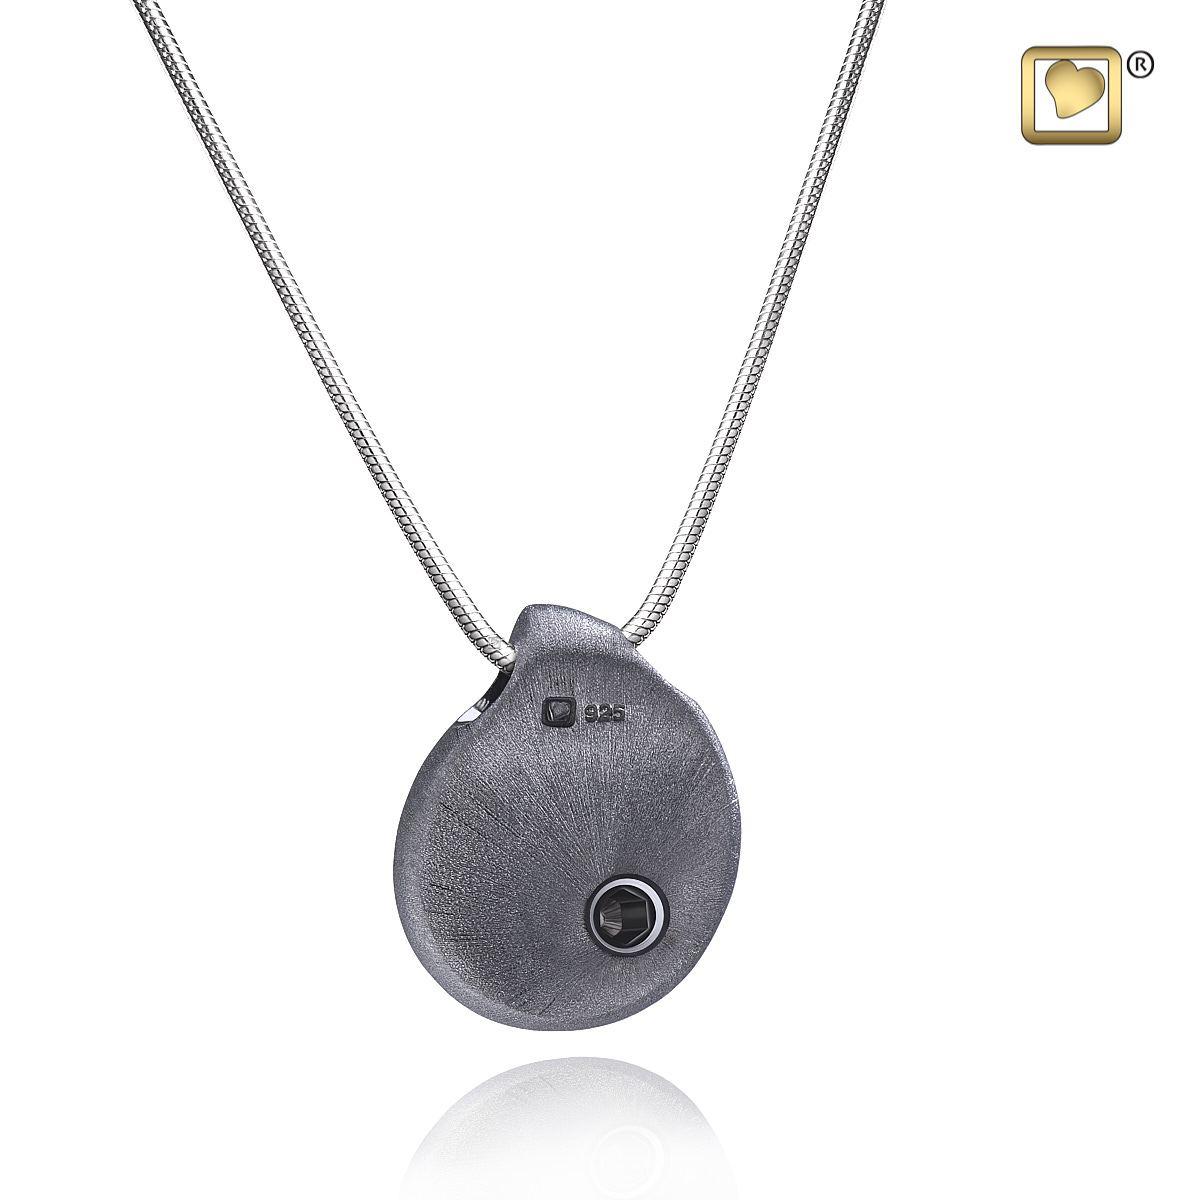 zilveren-donkere-druppel-traan-ashanger-collier-achterzijde_ptd-003_funeral-products_treasure_3022